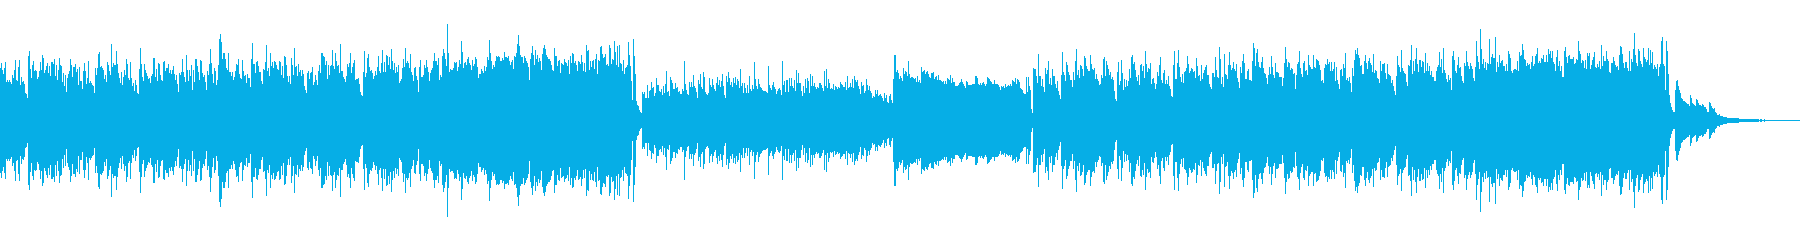 陽気な雰囲気の曲の再生済みの波形